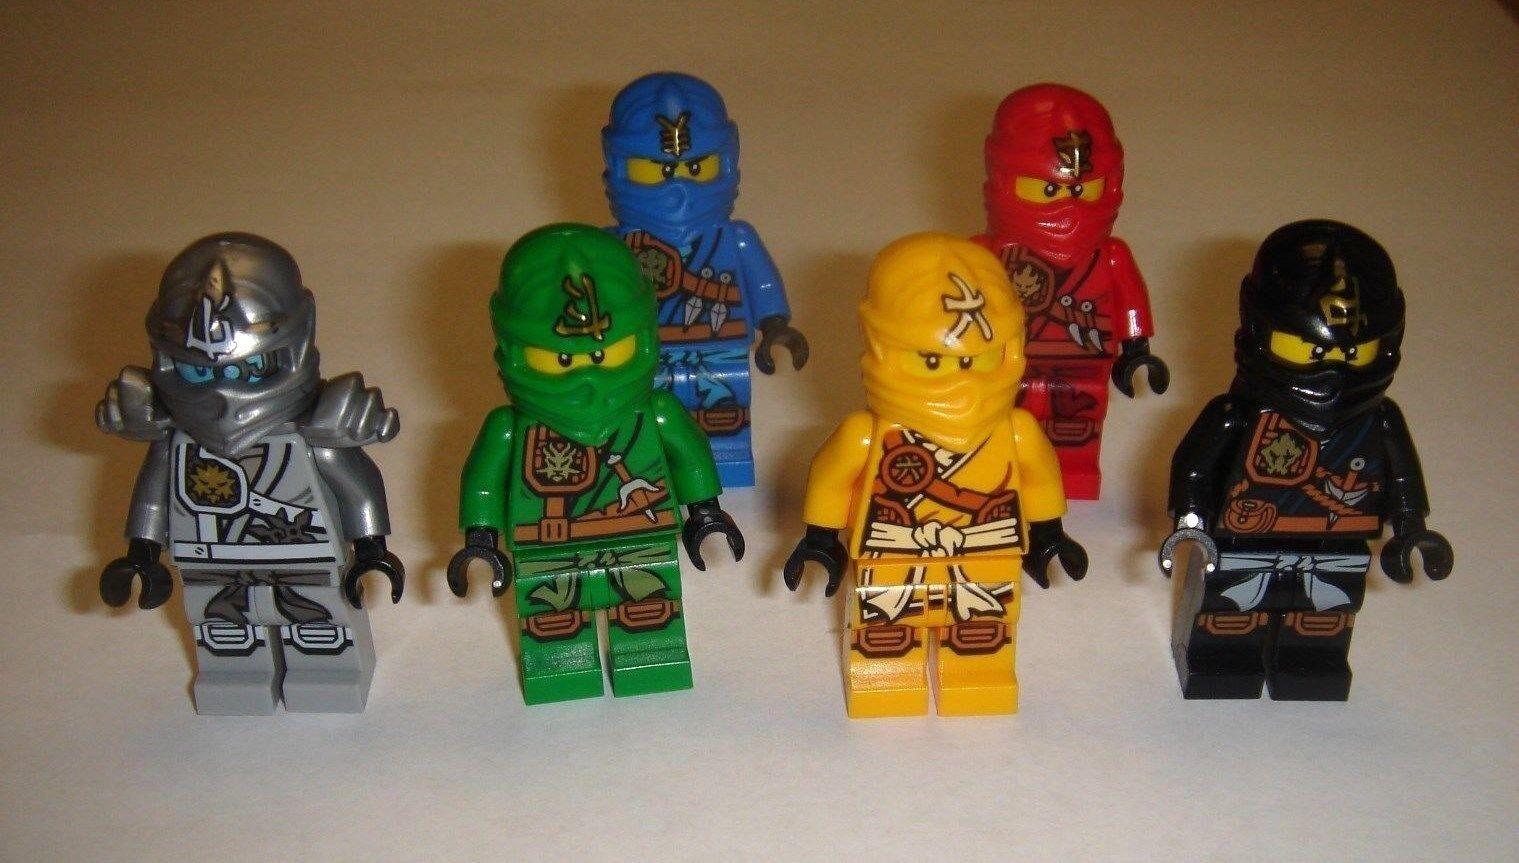 8 Sets Minifigures Flying Ninjago Ninja Figures KAI Lloyd JAY NYA COLE lego.